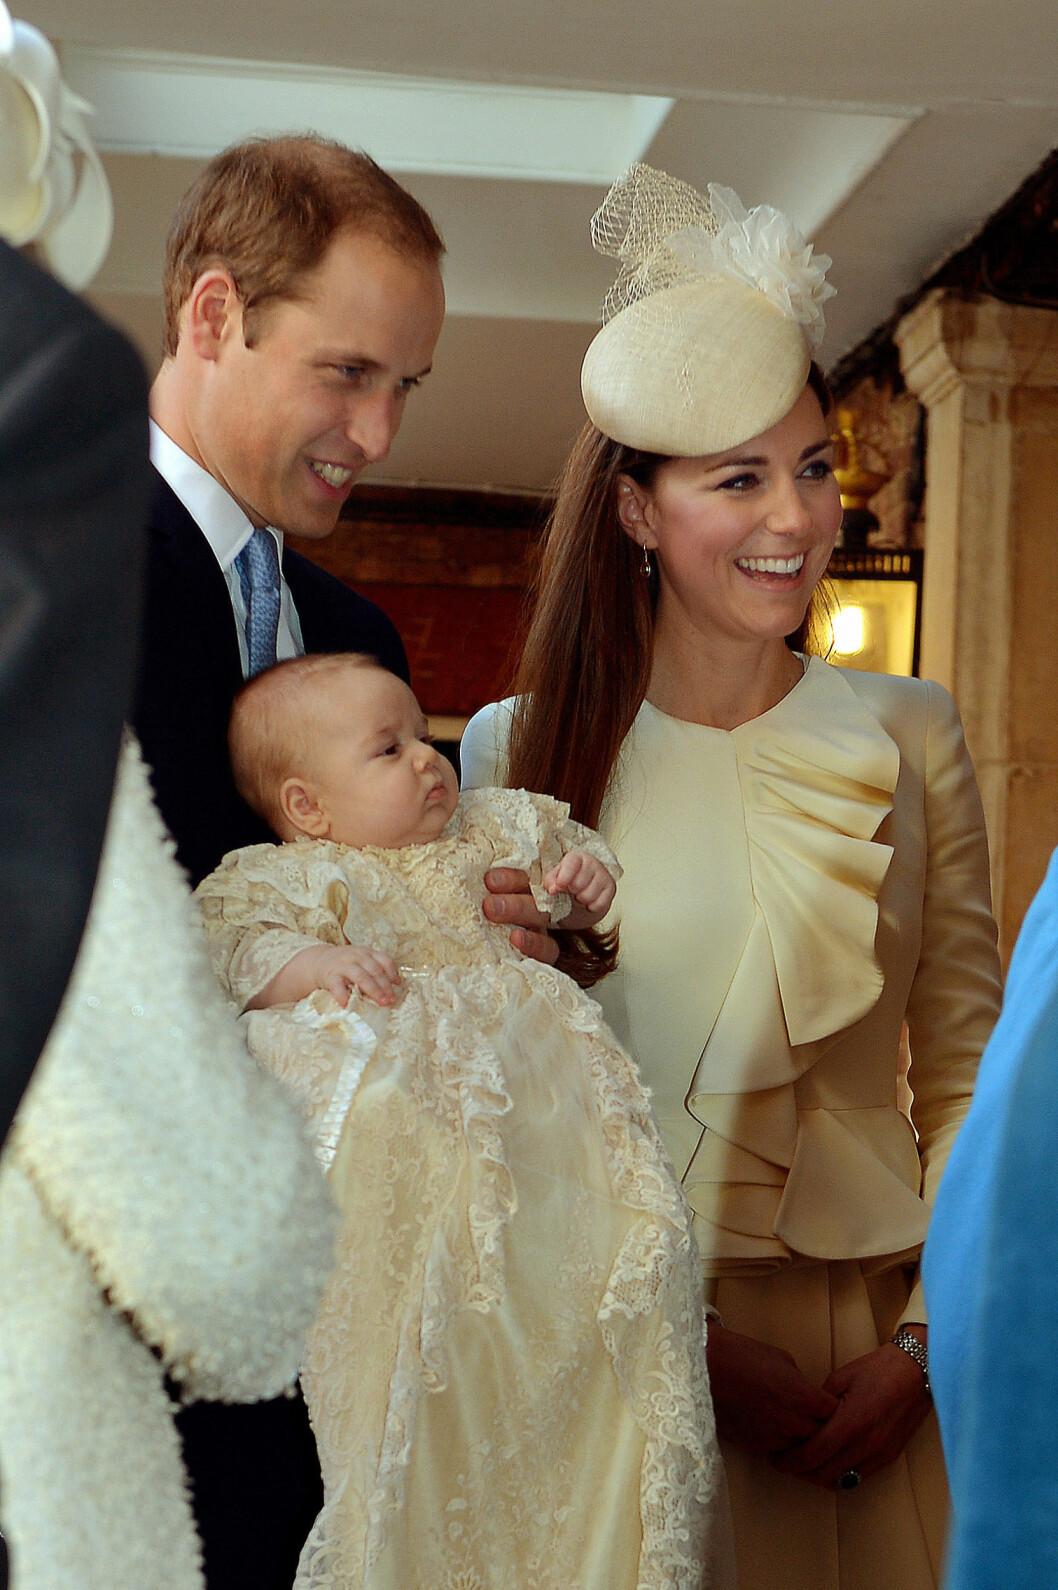 STOREBROR: Prins George ble døpt 23. oktober 2013 i det kongelige kapell i St. James Palace i London. Foto: Ap